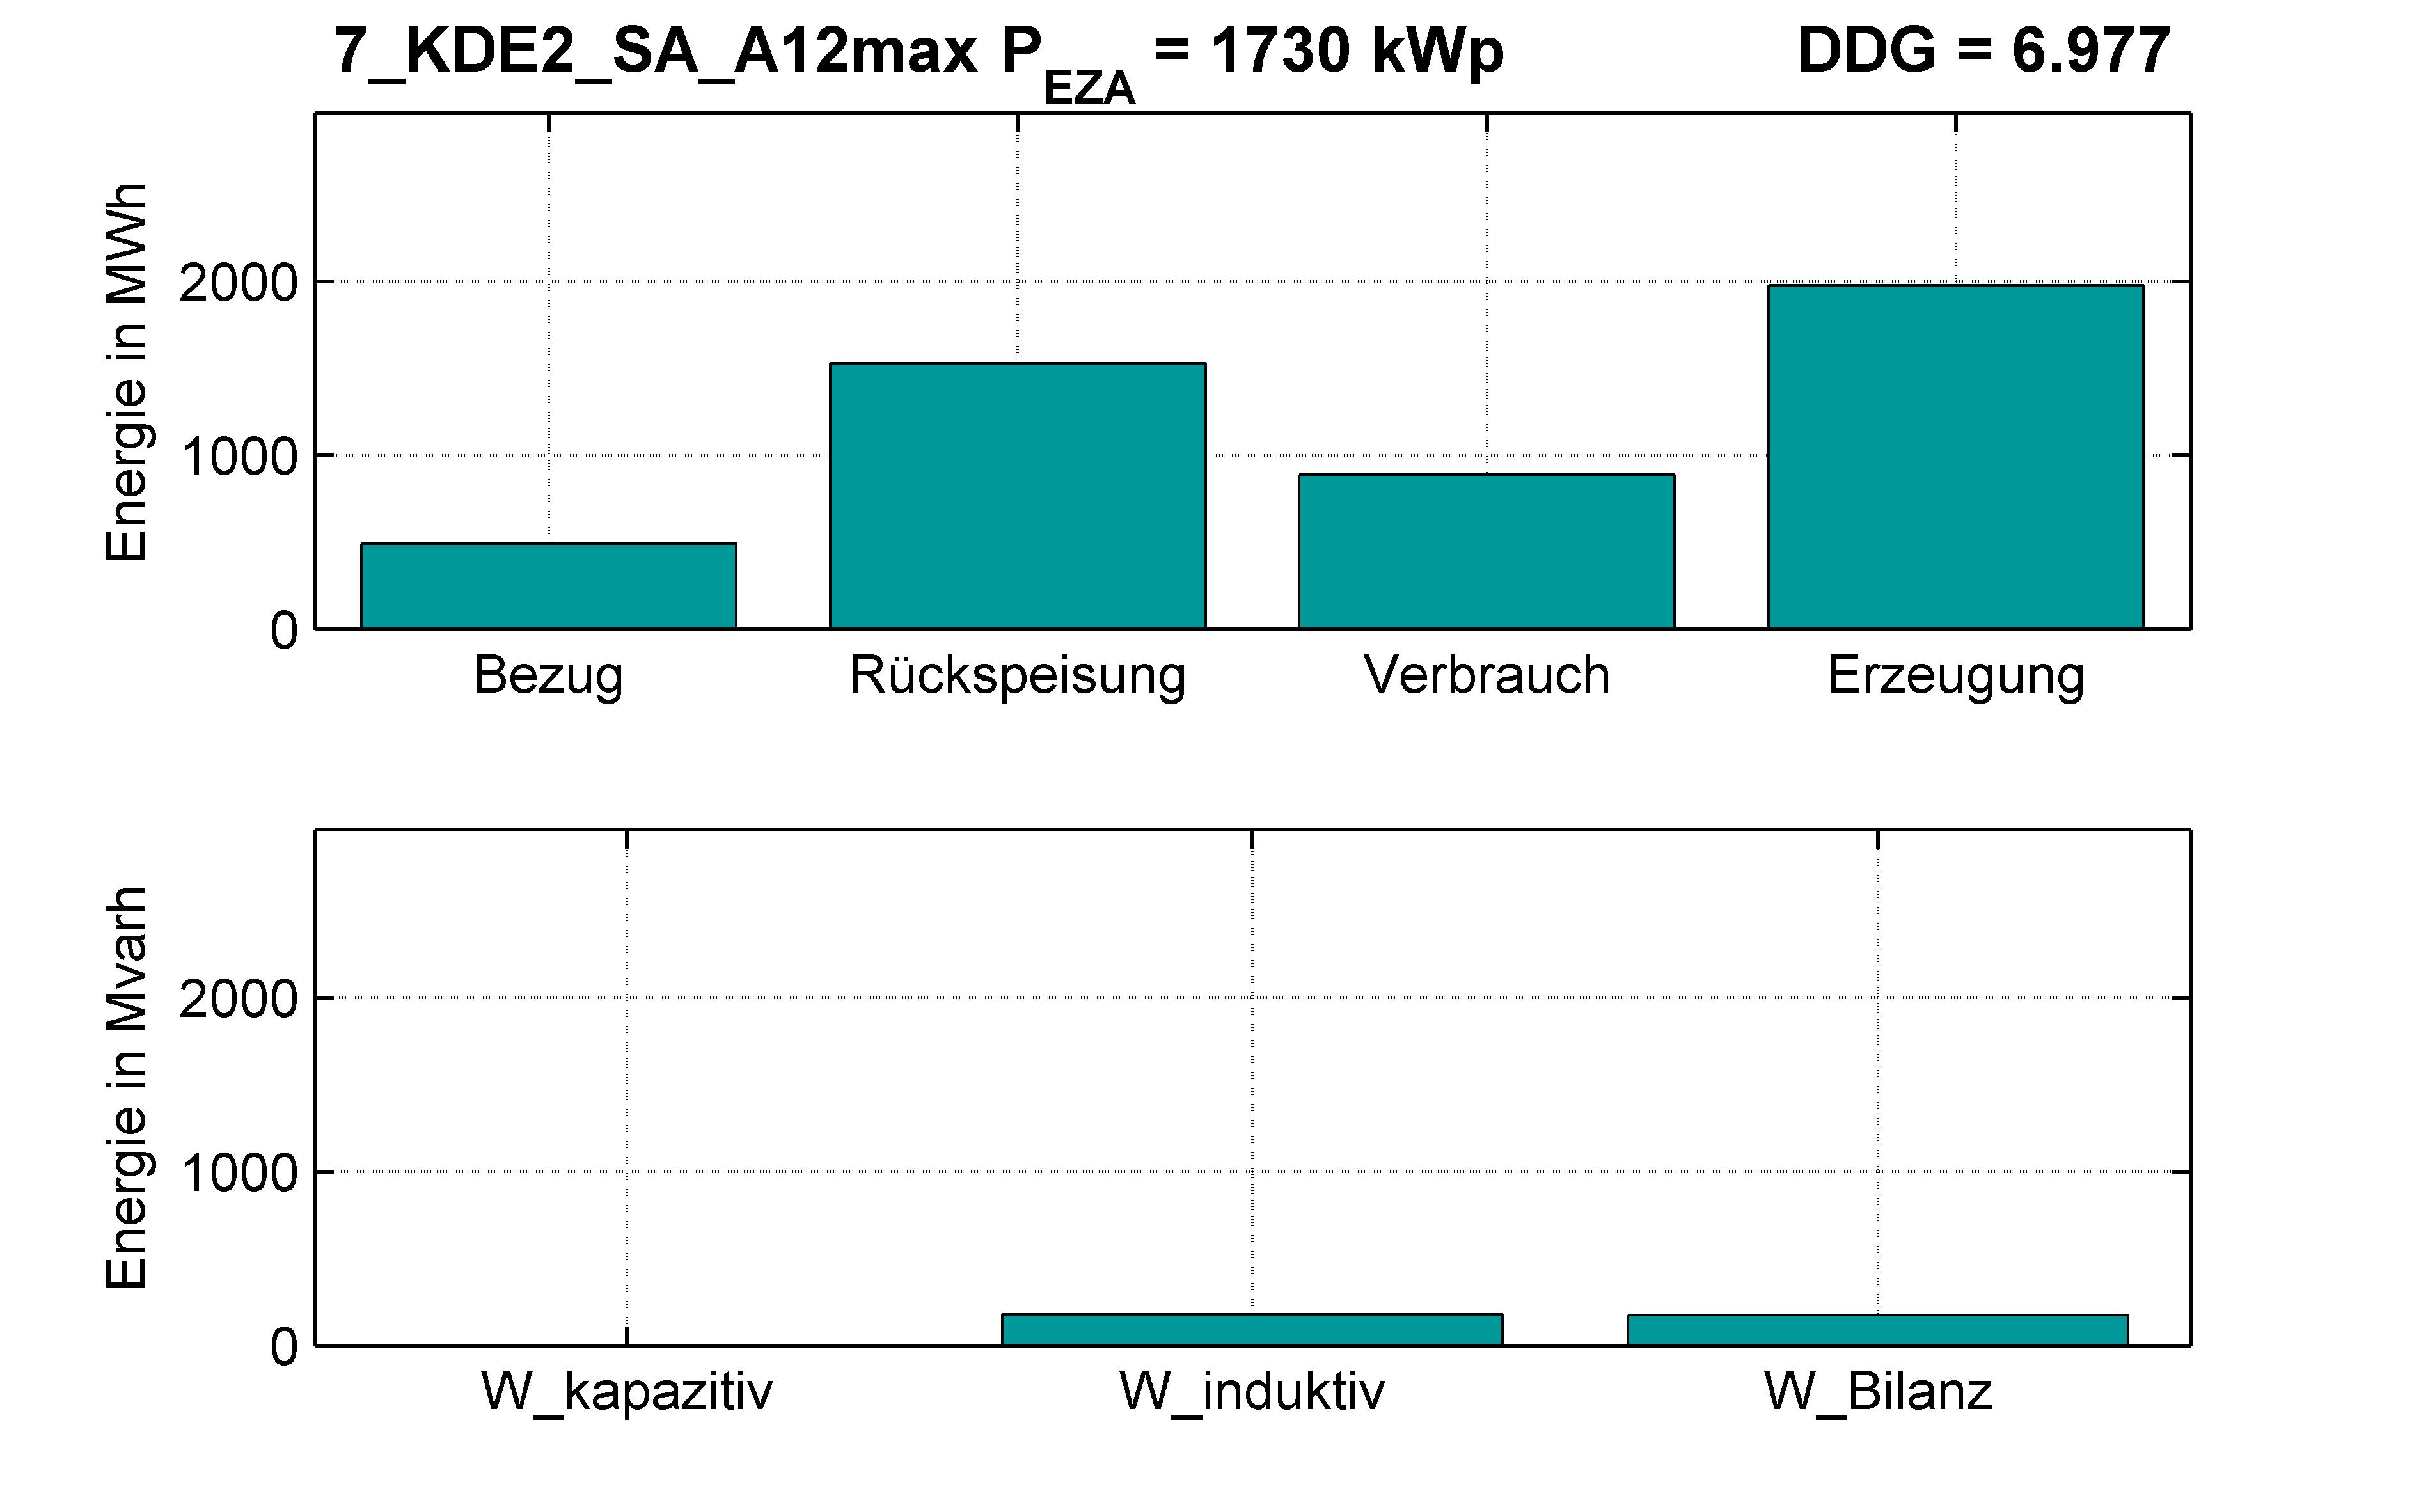 KDE2 | Längsregler (SA) A12max | PQ-Bilanz